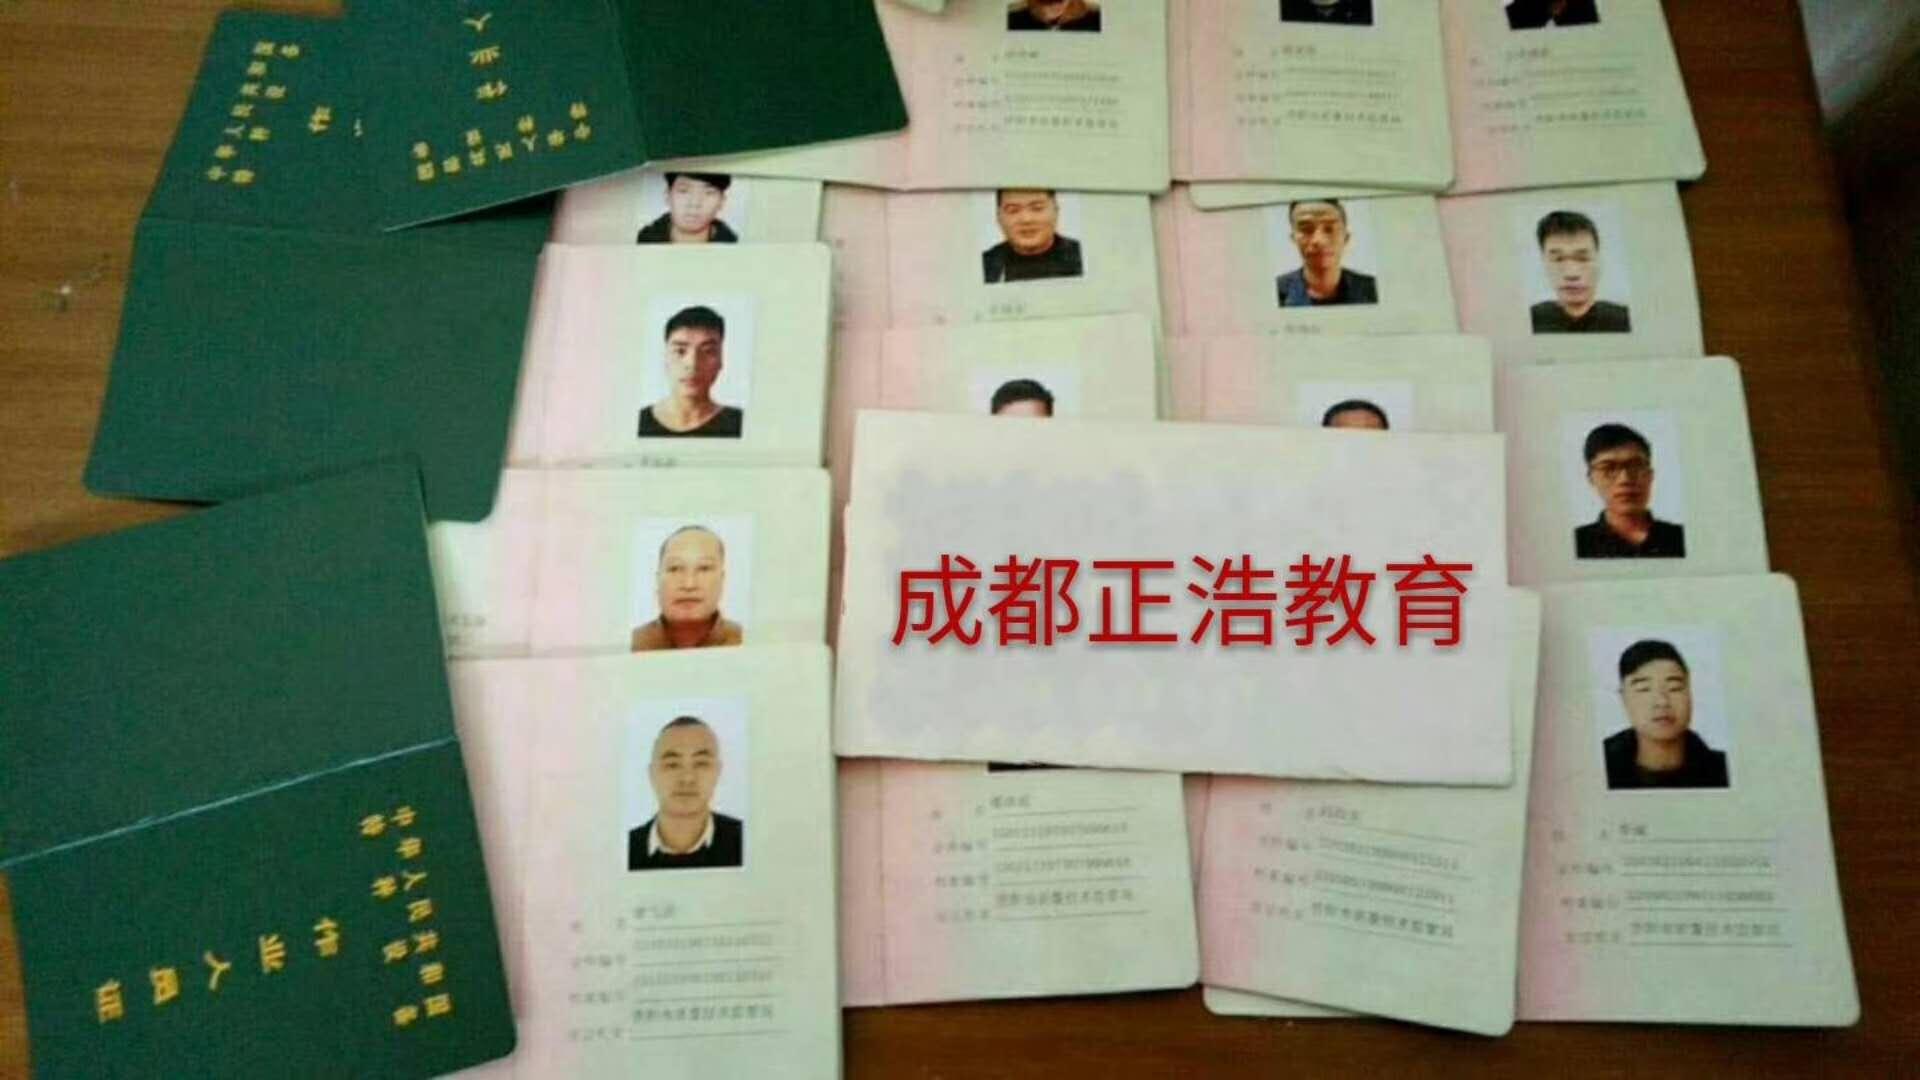 叉车驾驶证(叉车证)在成都市申请办理的条件和报名流程